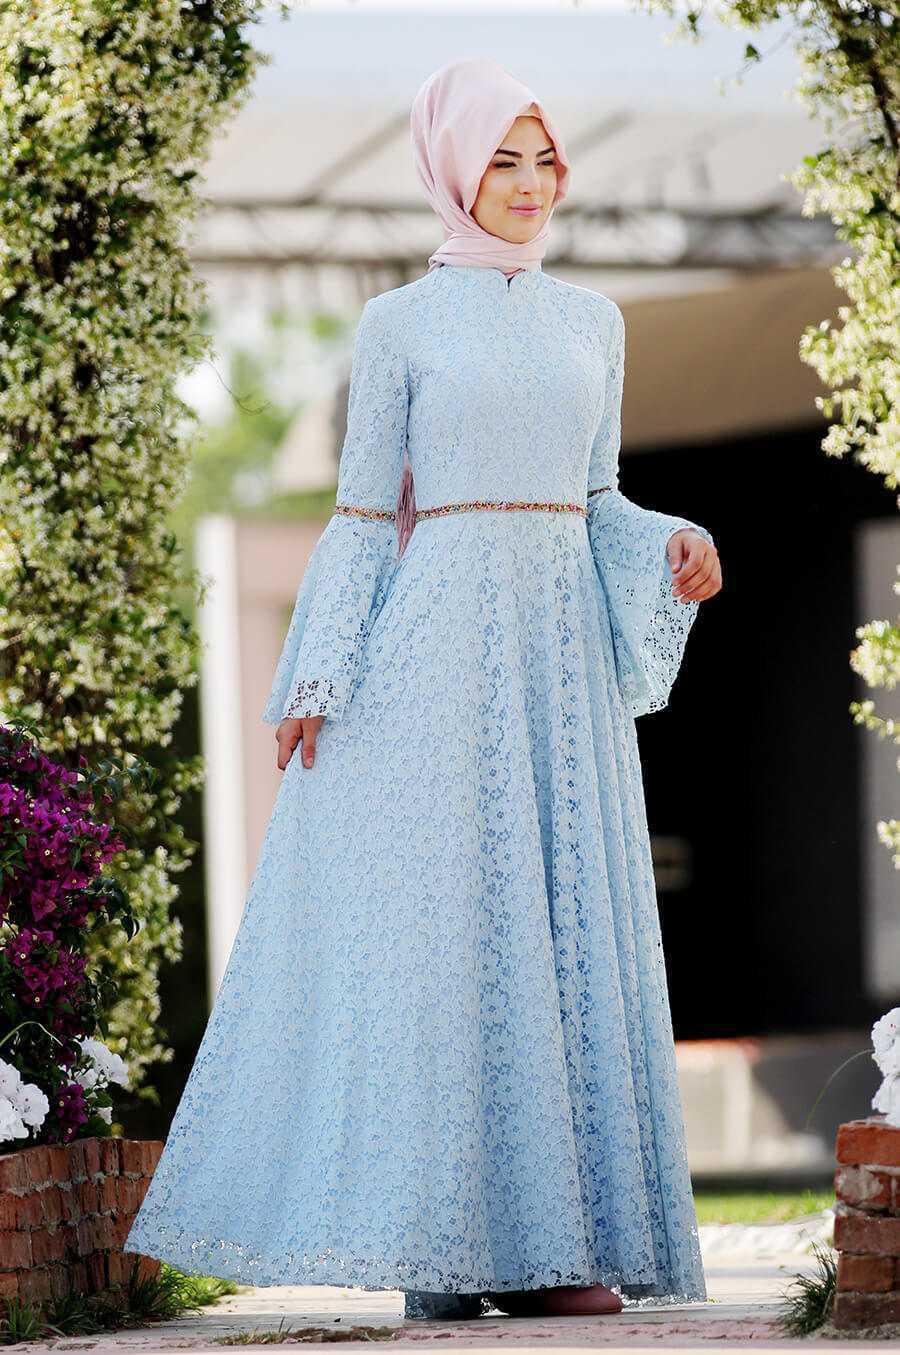 Nurkombin Tesettür Güpürlü Mavi Elbise Modelleri